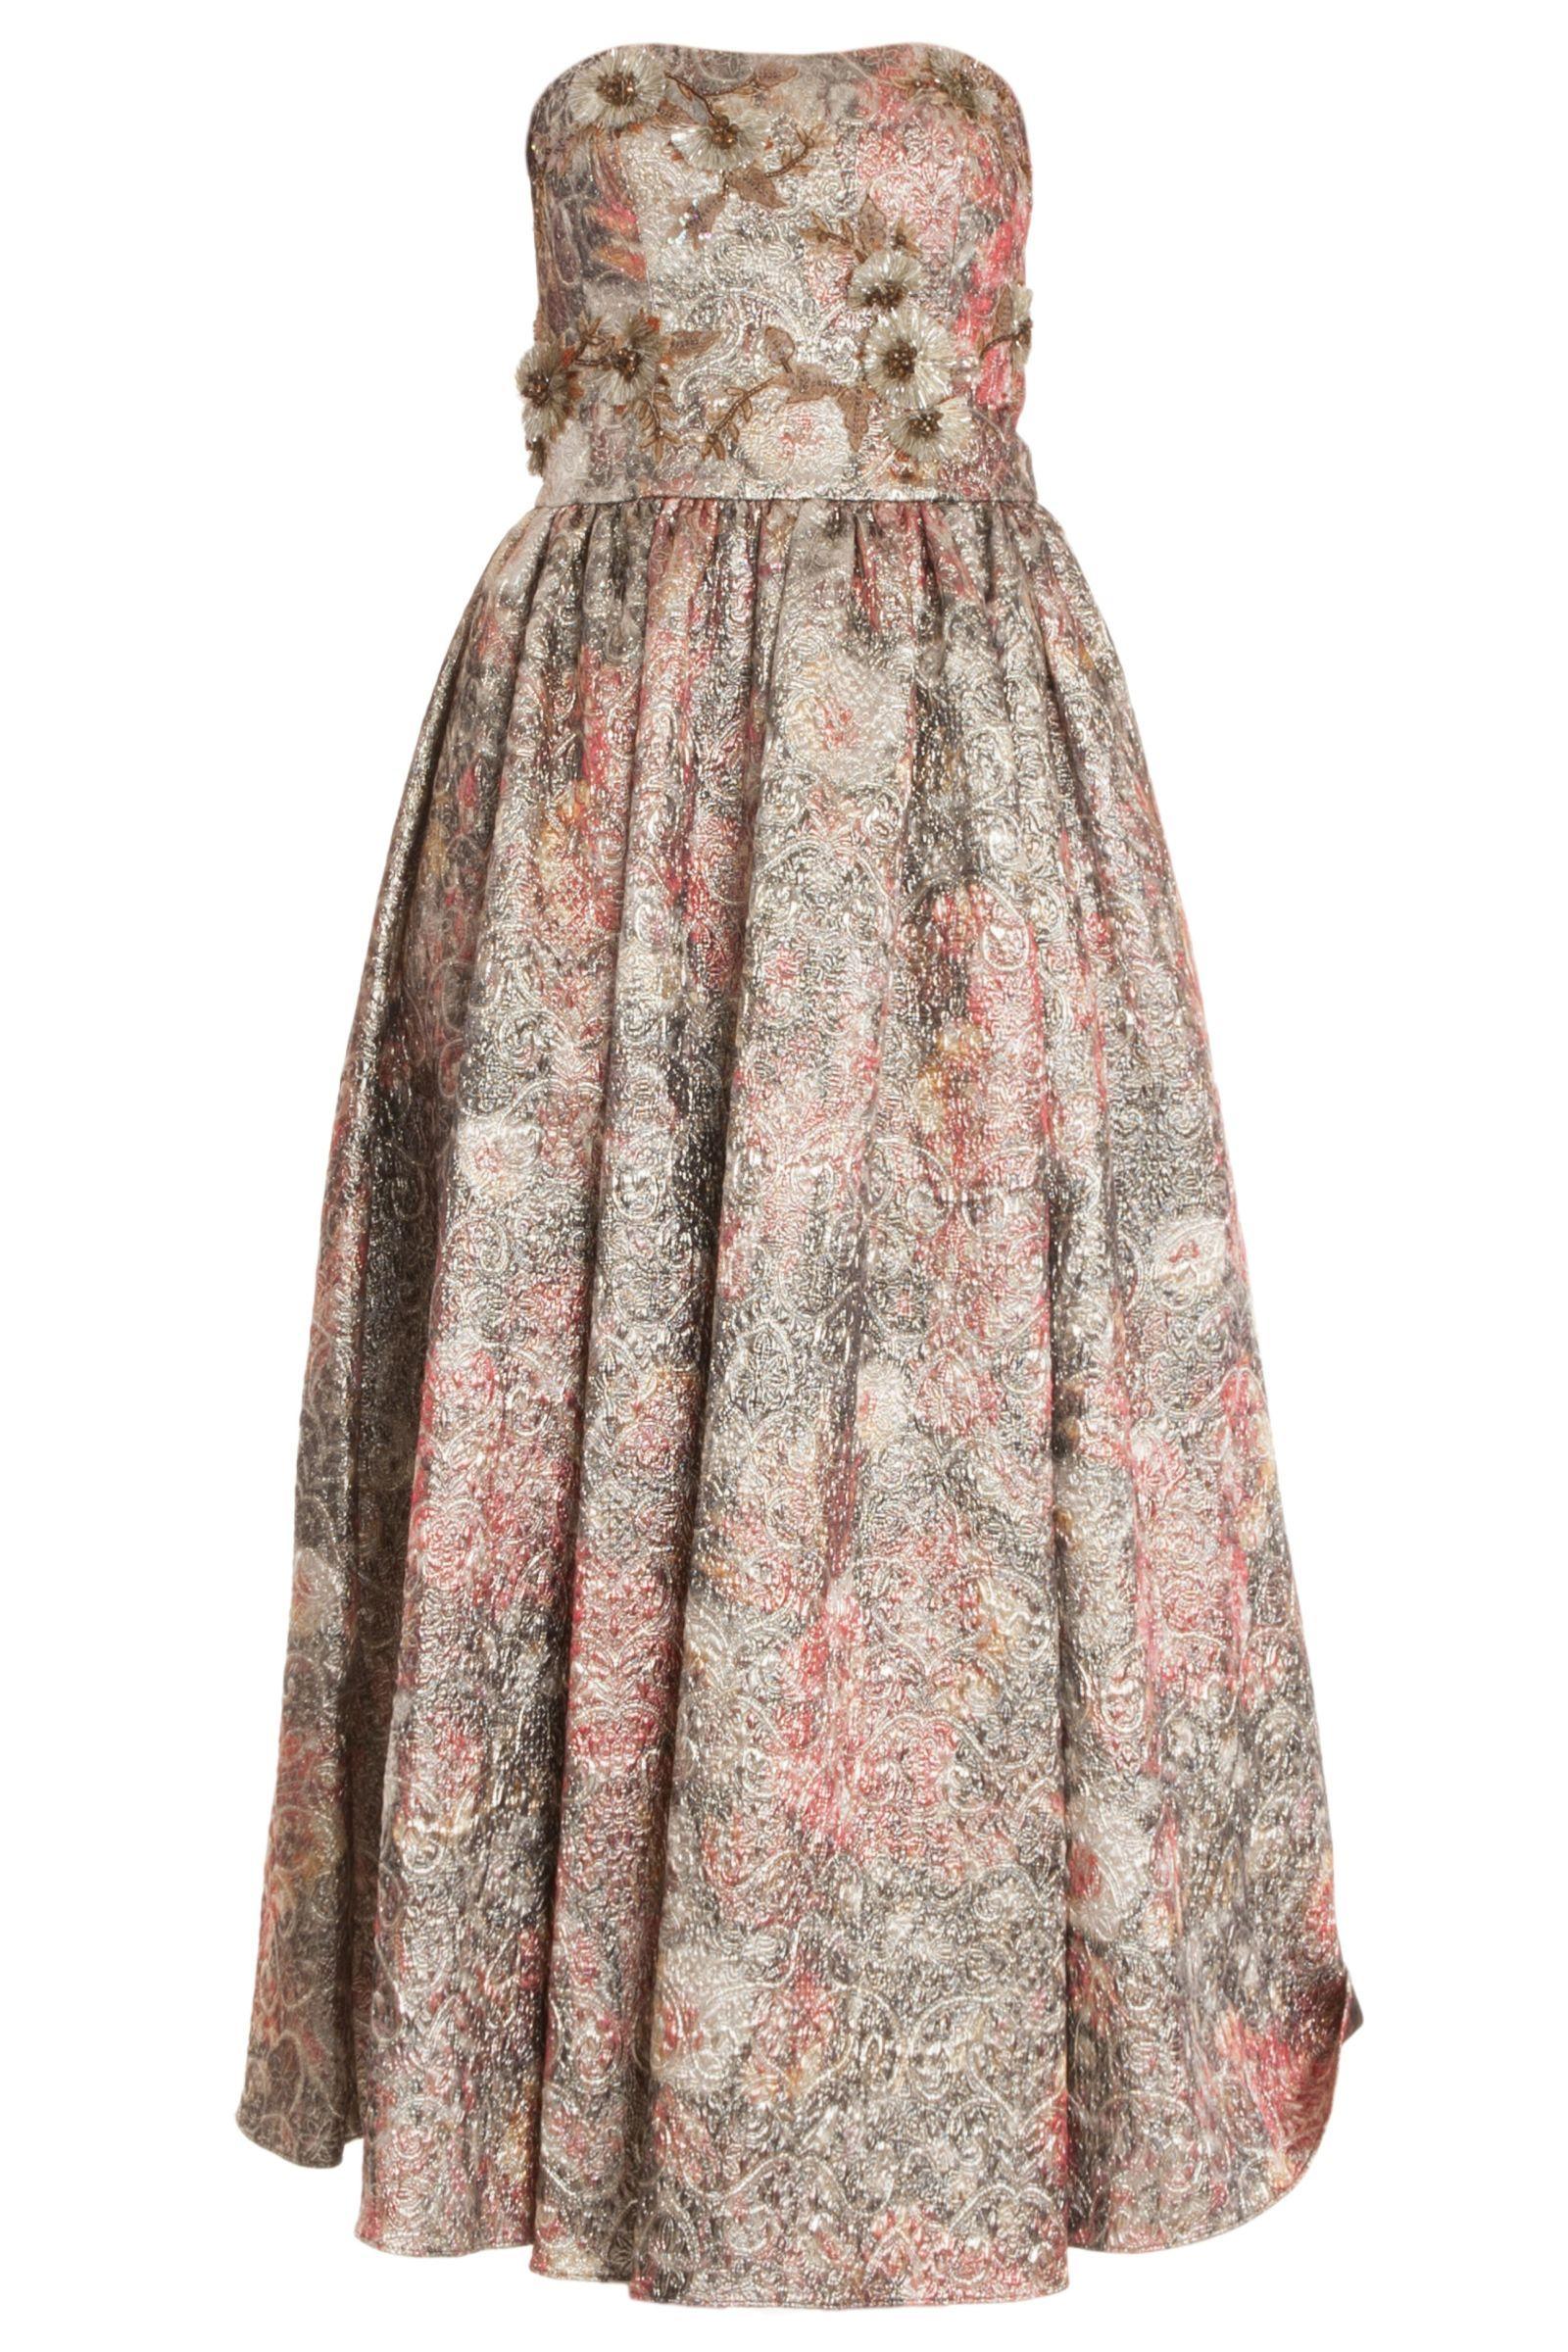 40 Dresses to Wear to a Springtime Wedding | Brocade dresses and ...